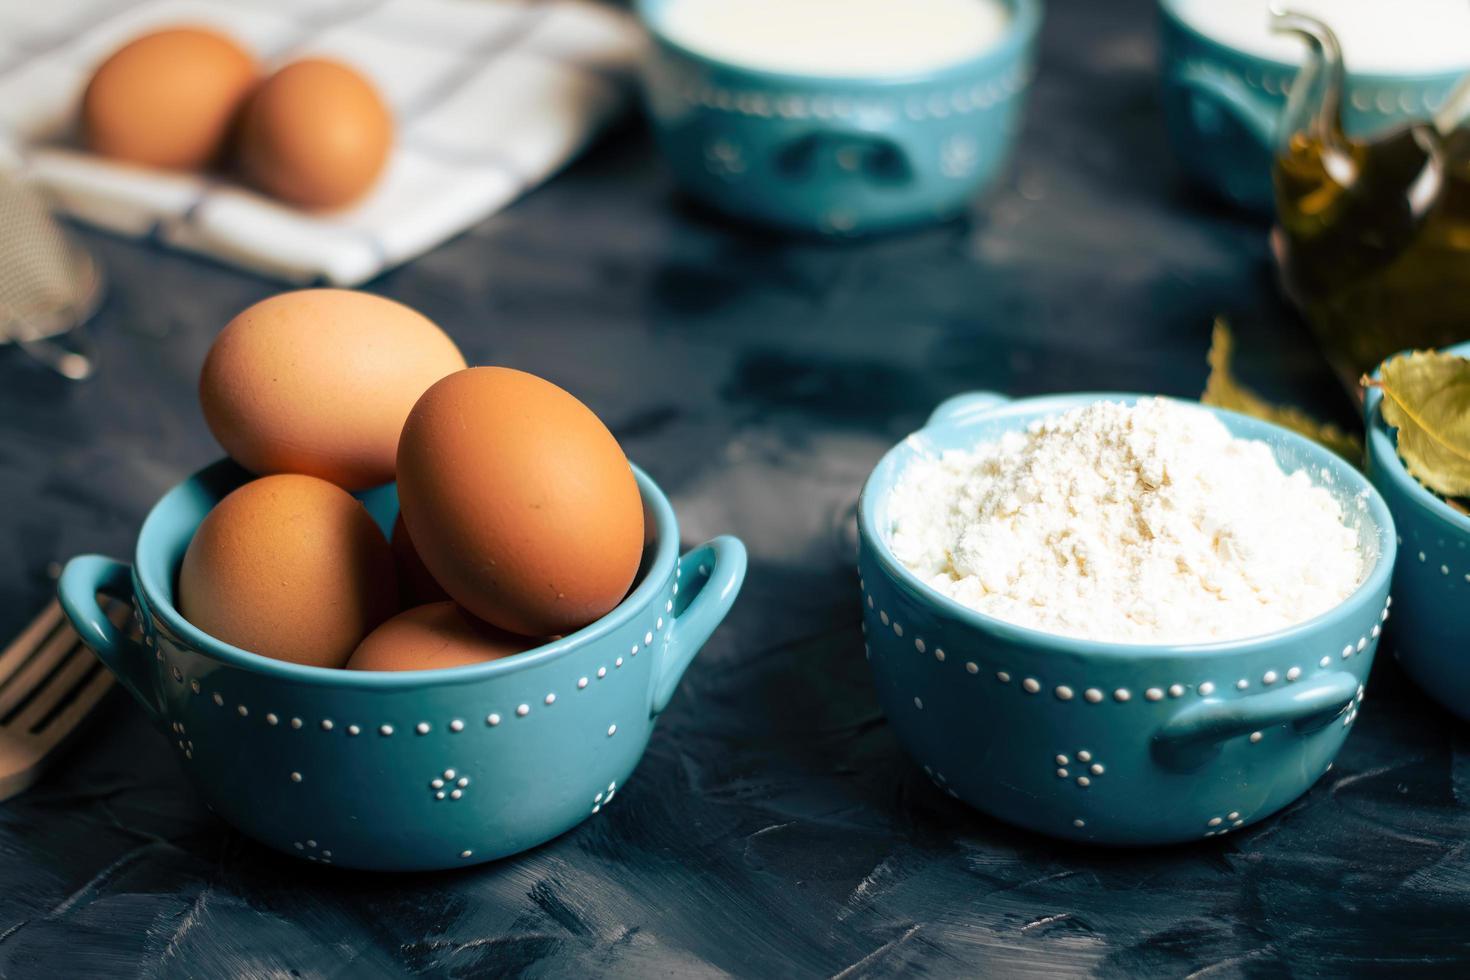 Eier und Mehl in Schalen foto